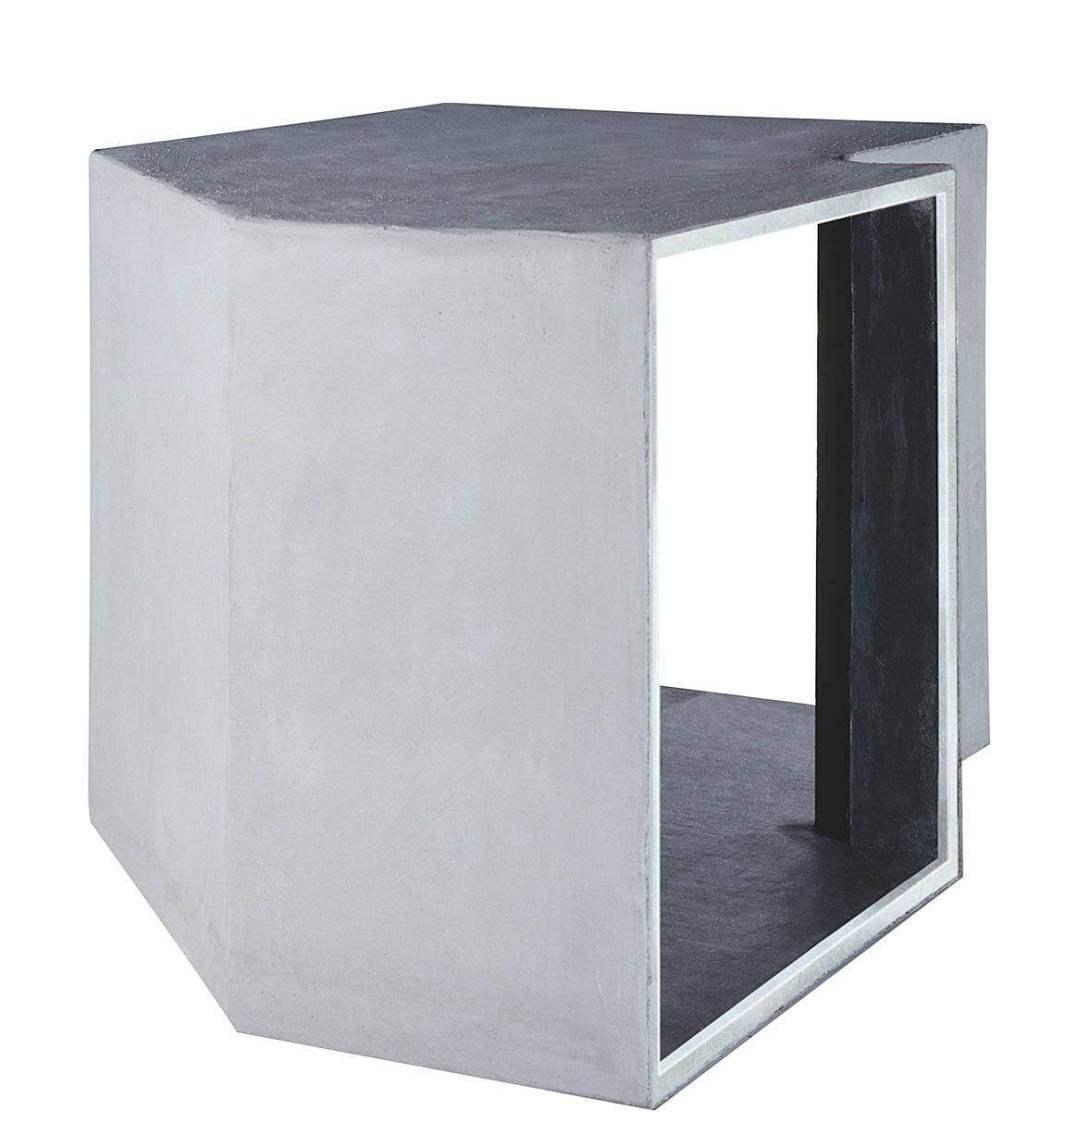 dimplex 366170 lkb800a luftkanal 90 bogen. Black Bedroom Furniture Sets. Home Design Ideas